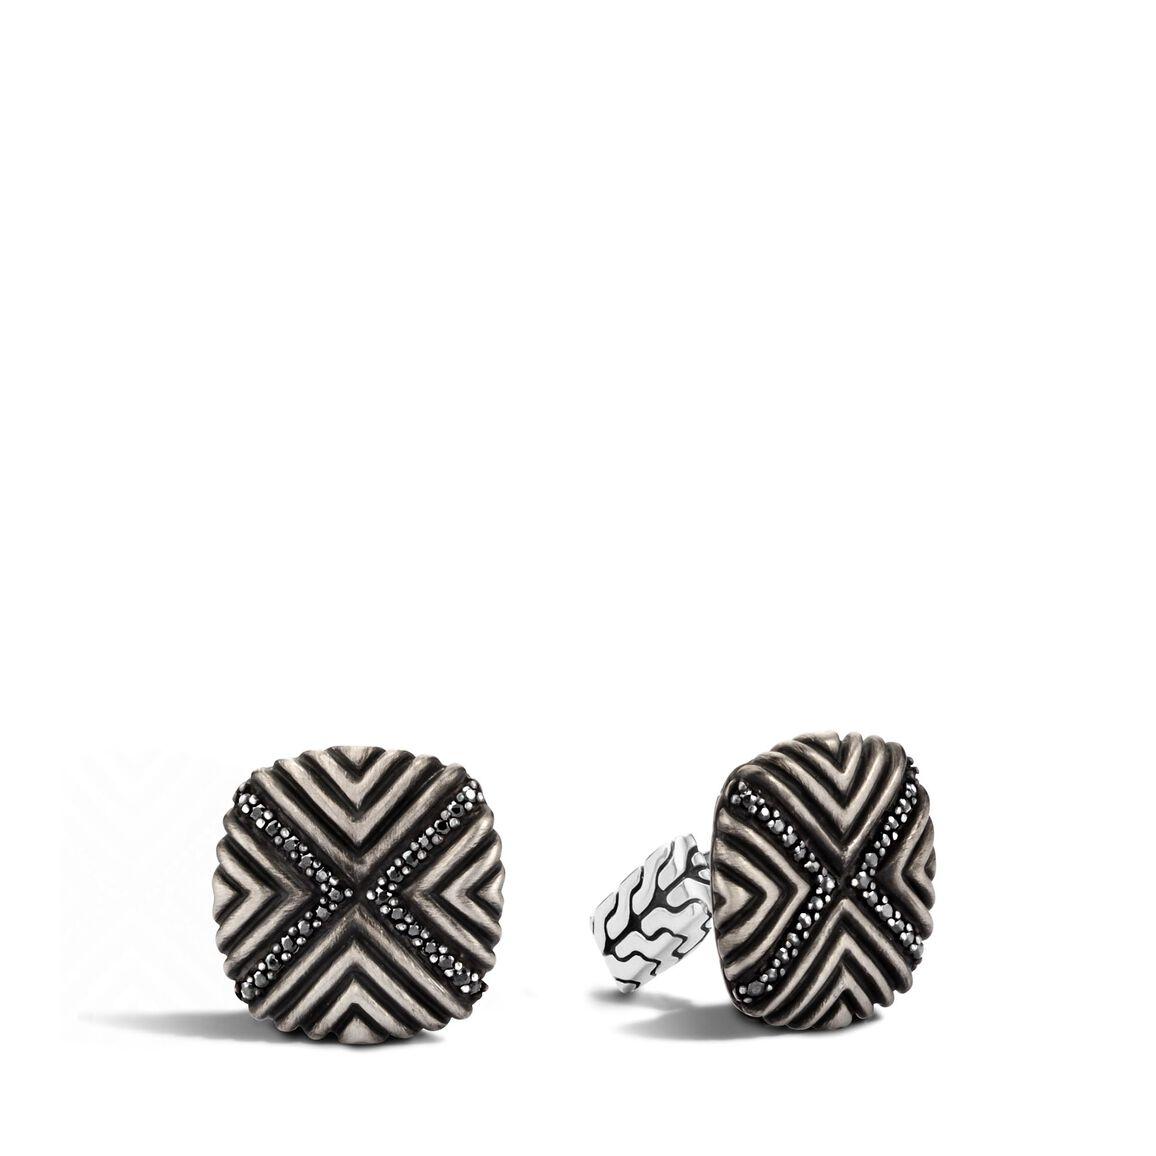 Bedeg Cufflinks in Silver with Gemstone